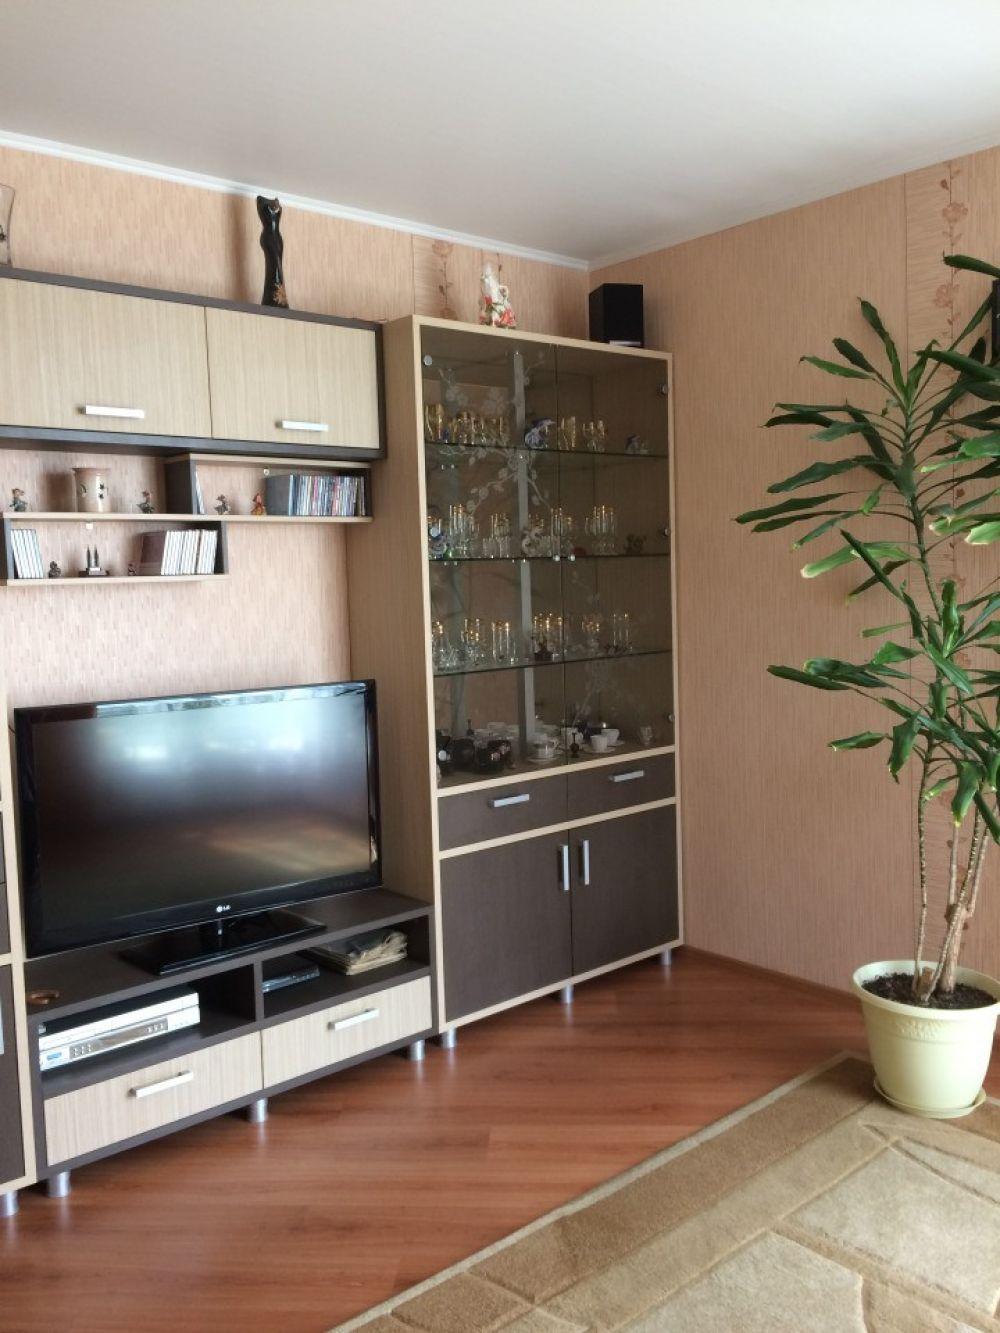 3-к квартира, Щелково, улица Шмидта, 6, фото 7